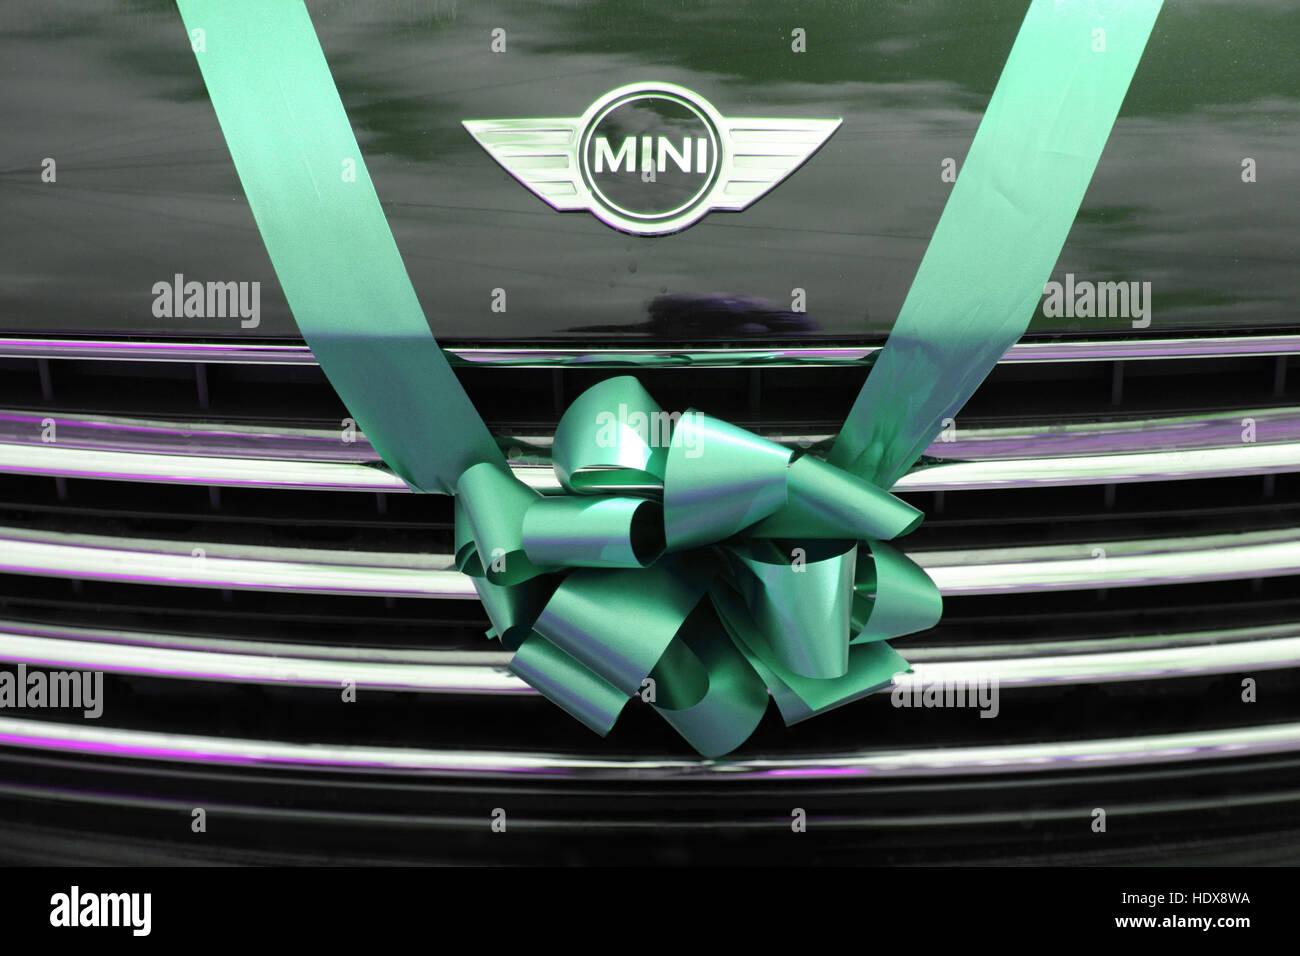 BMW Mini utiliza como coche nupcial, atado con una cinta verde y el arco a través de la rejilla del radiador. Imagen De Stock